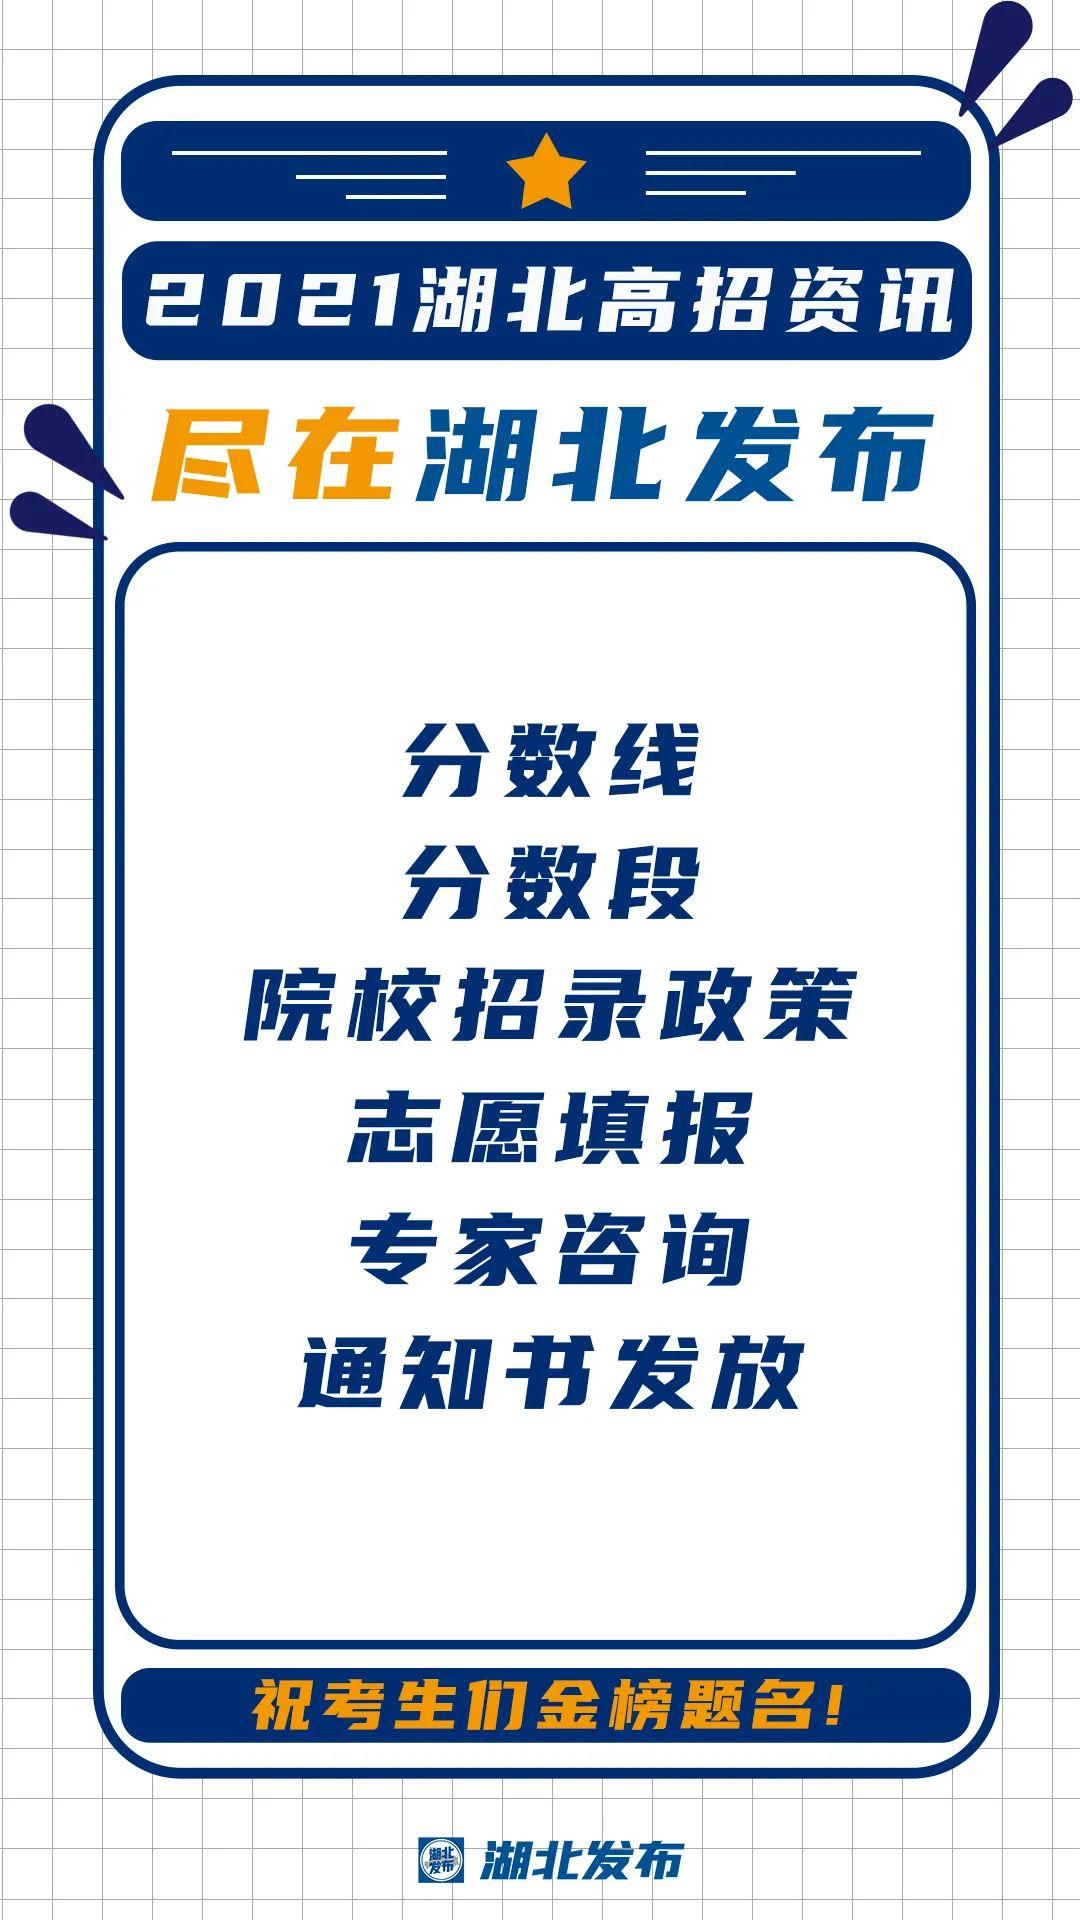 湖北省2021年美术类与设计学类高考成绩一分一段表发布